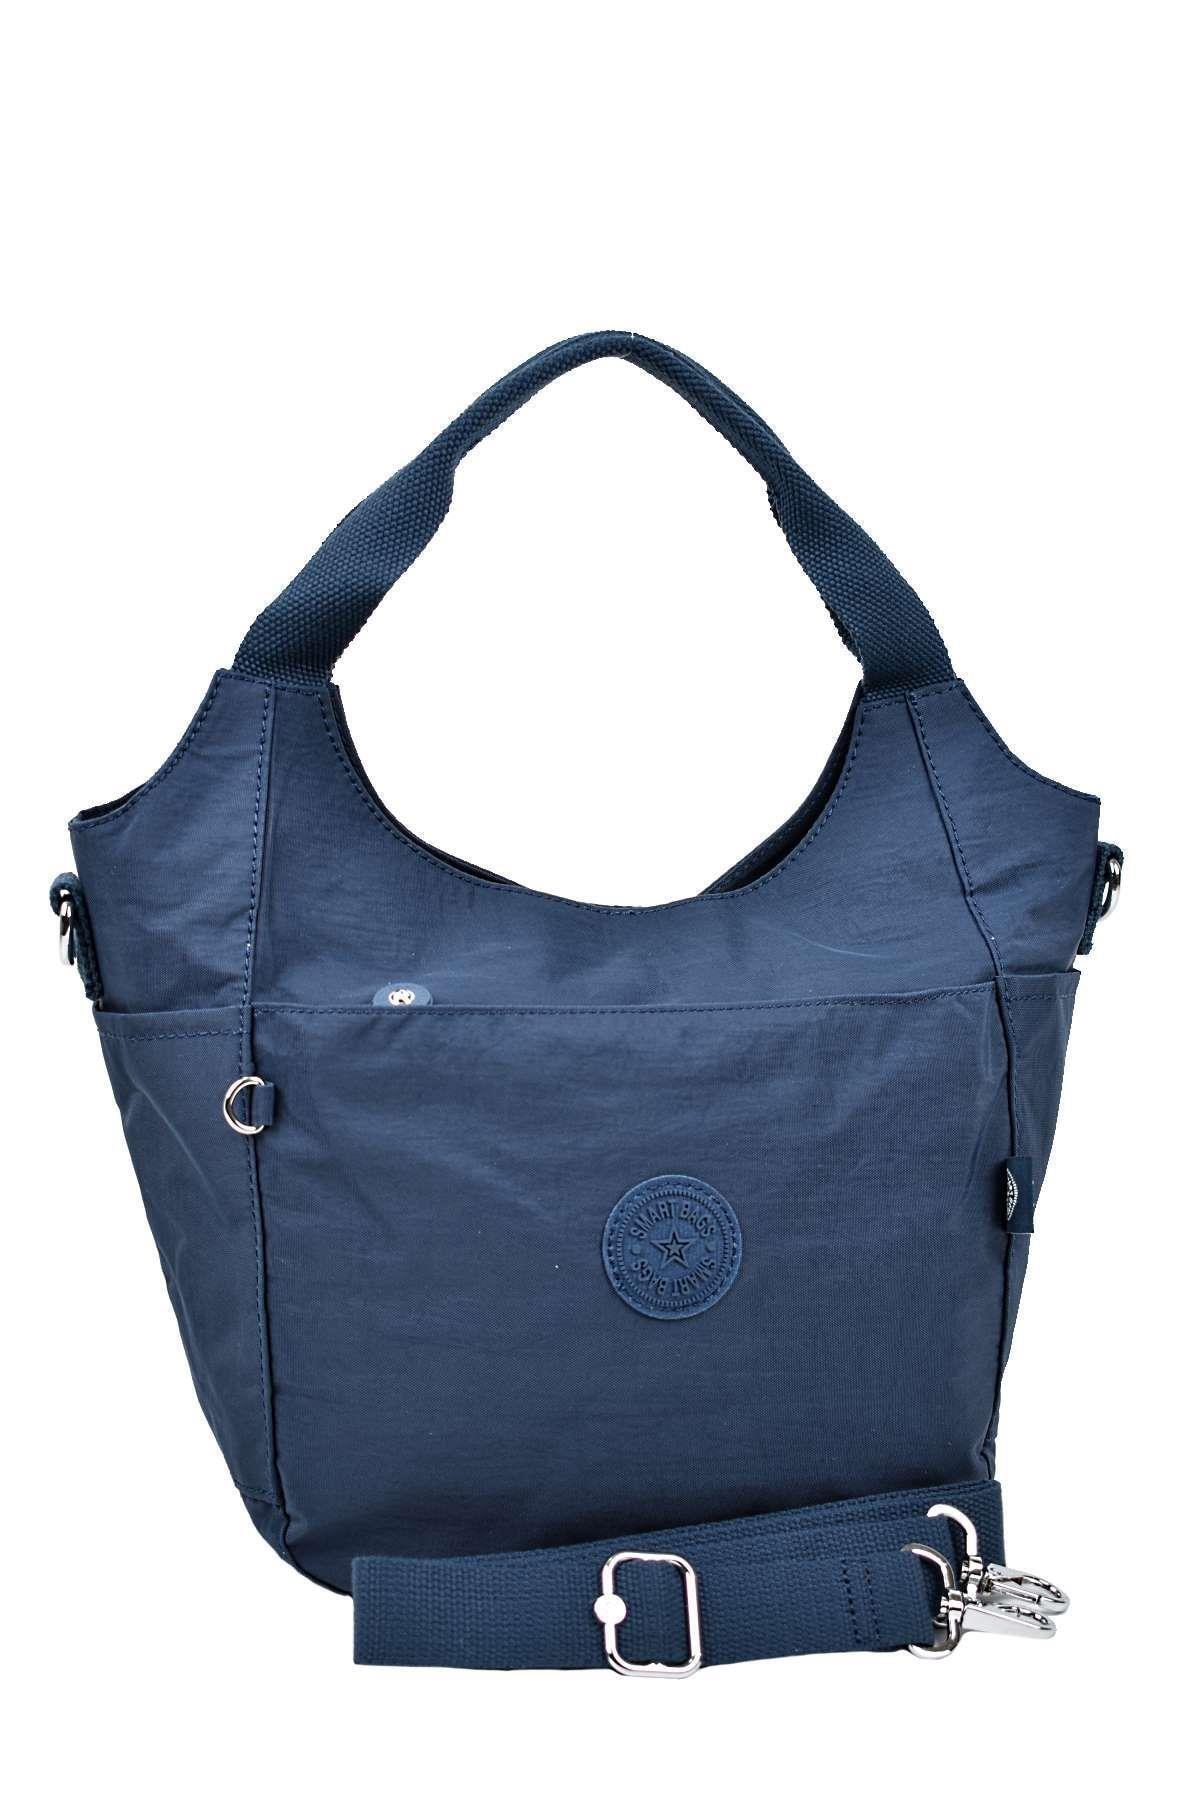 SMART BAGS Omuz Ve El Çantası Lacivert 3079 2